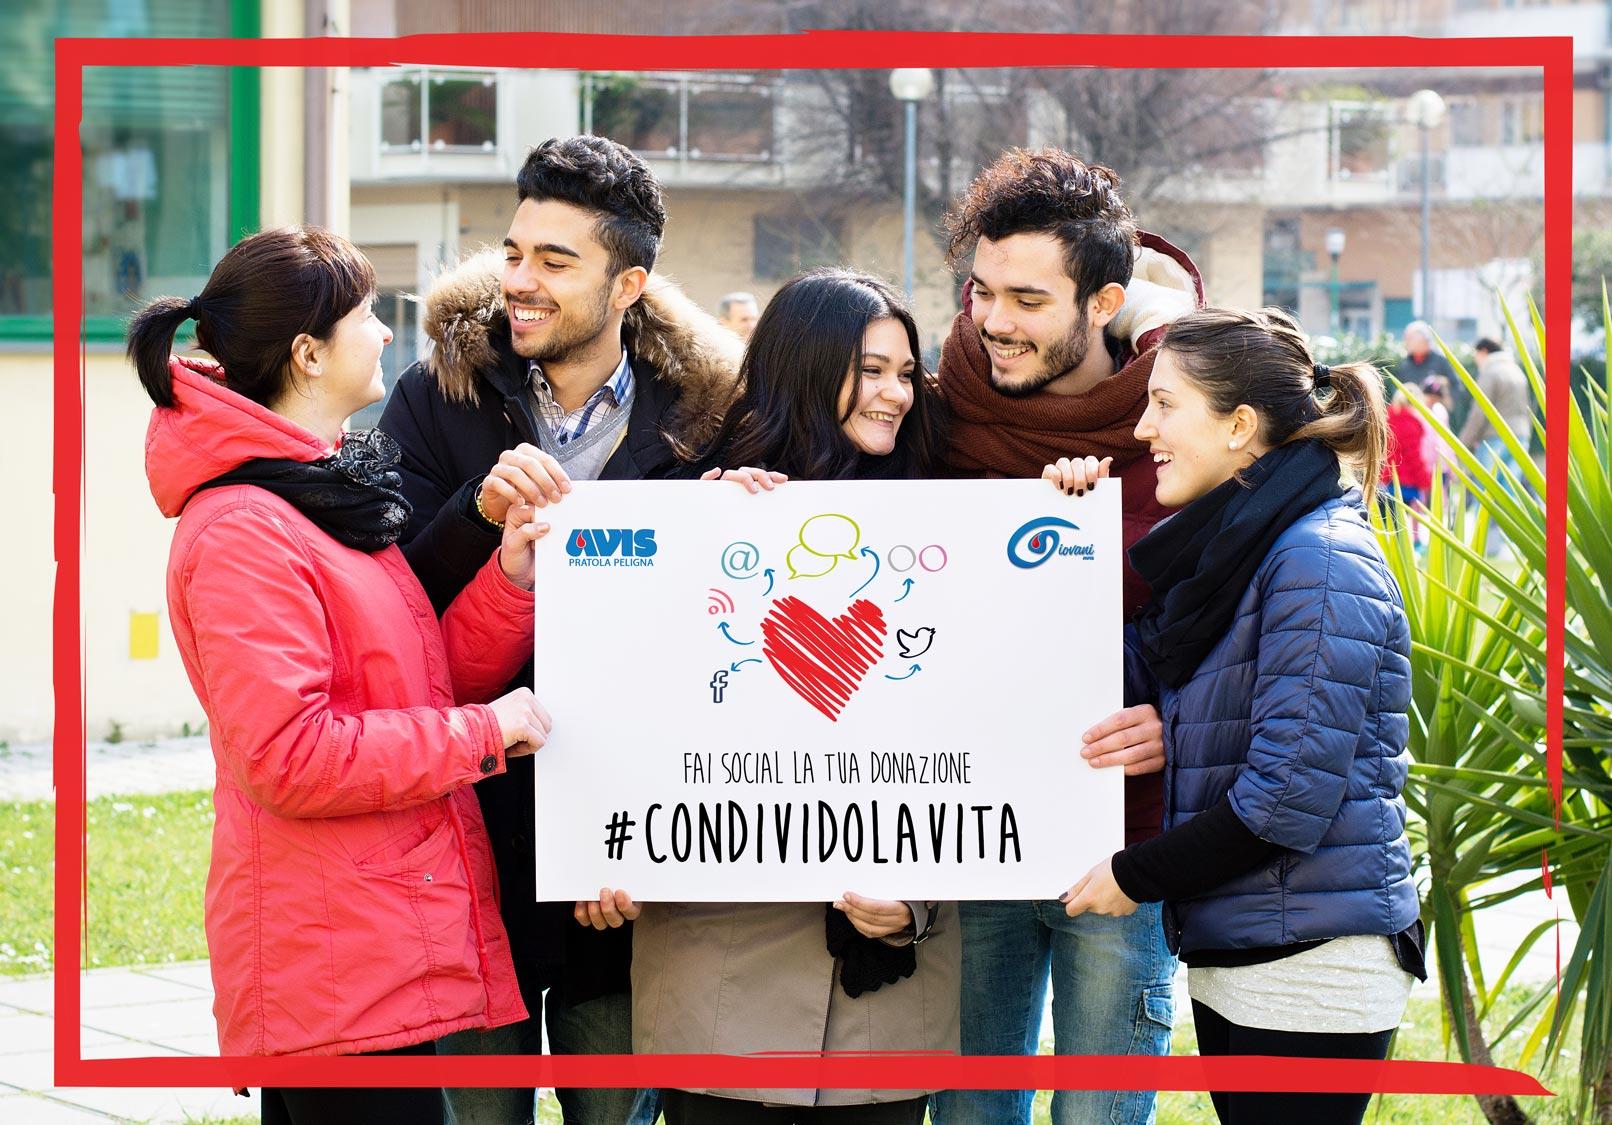 Condividolavita-cornice